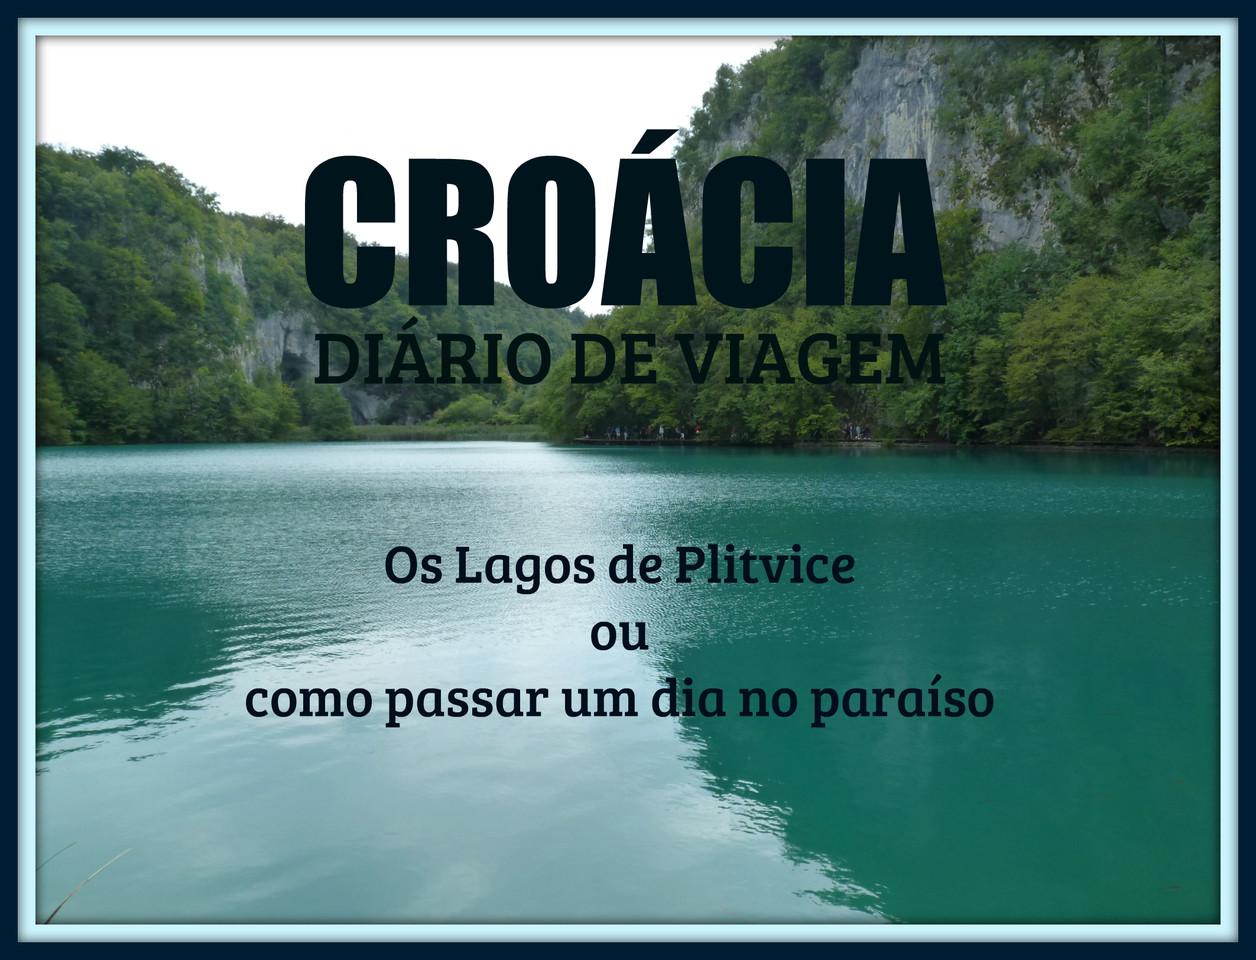 Croácia diário de viagem IV.jpg